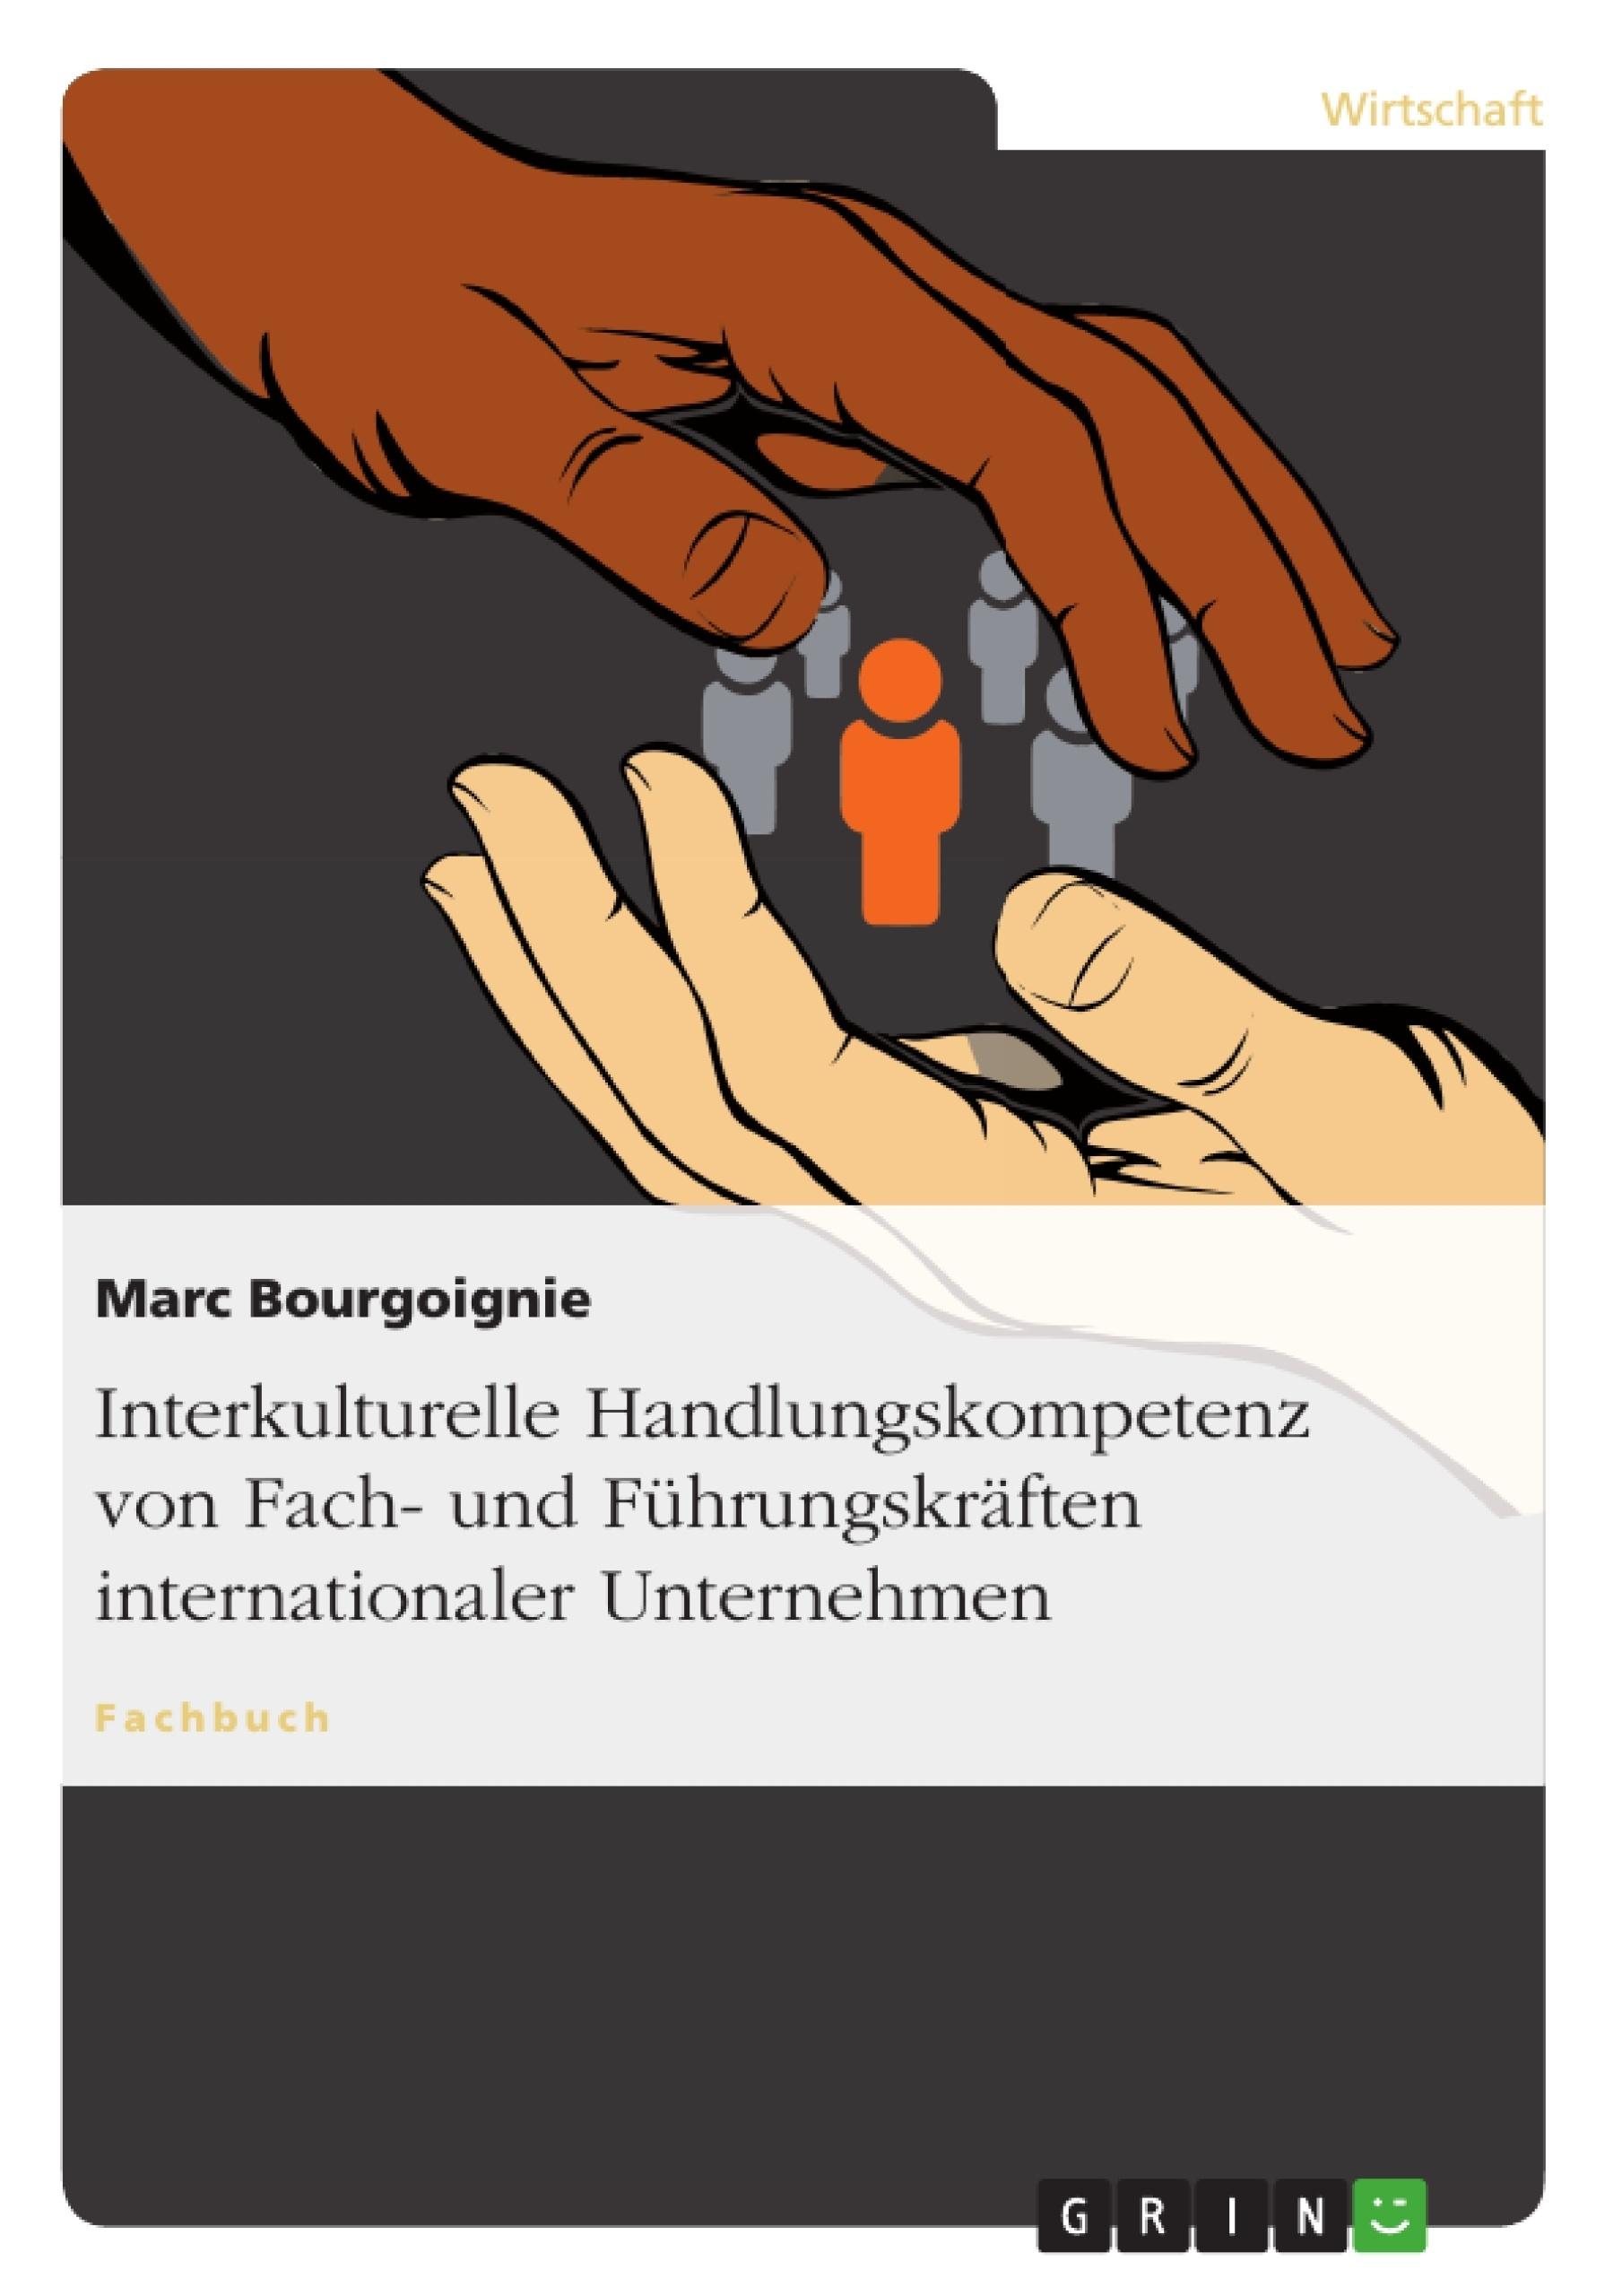 Titel: Interkulturelle Handlungskompetenz von Fach- und Führungskräften internationaler Unternehmen